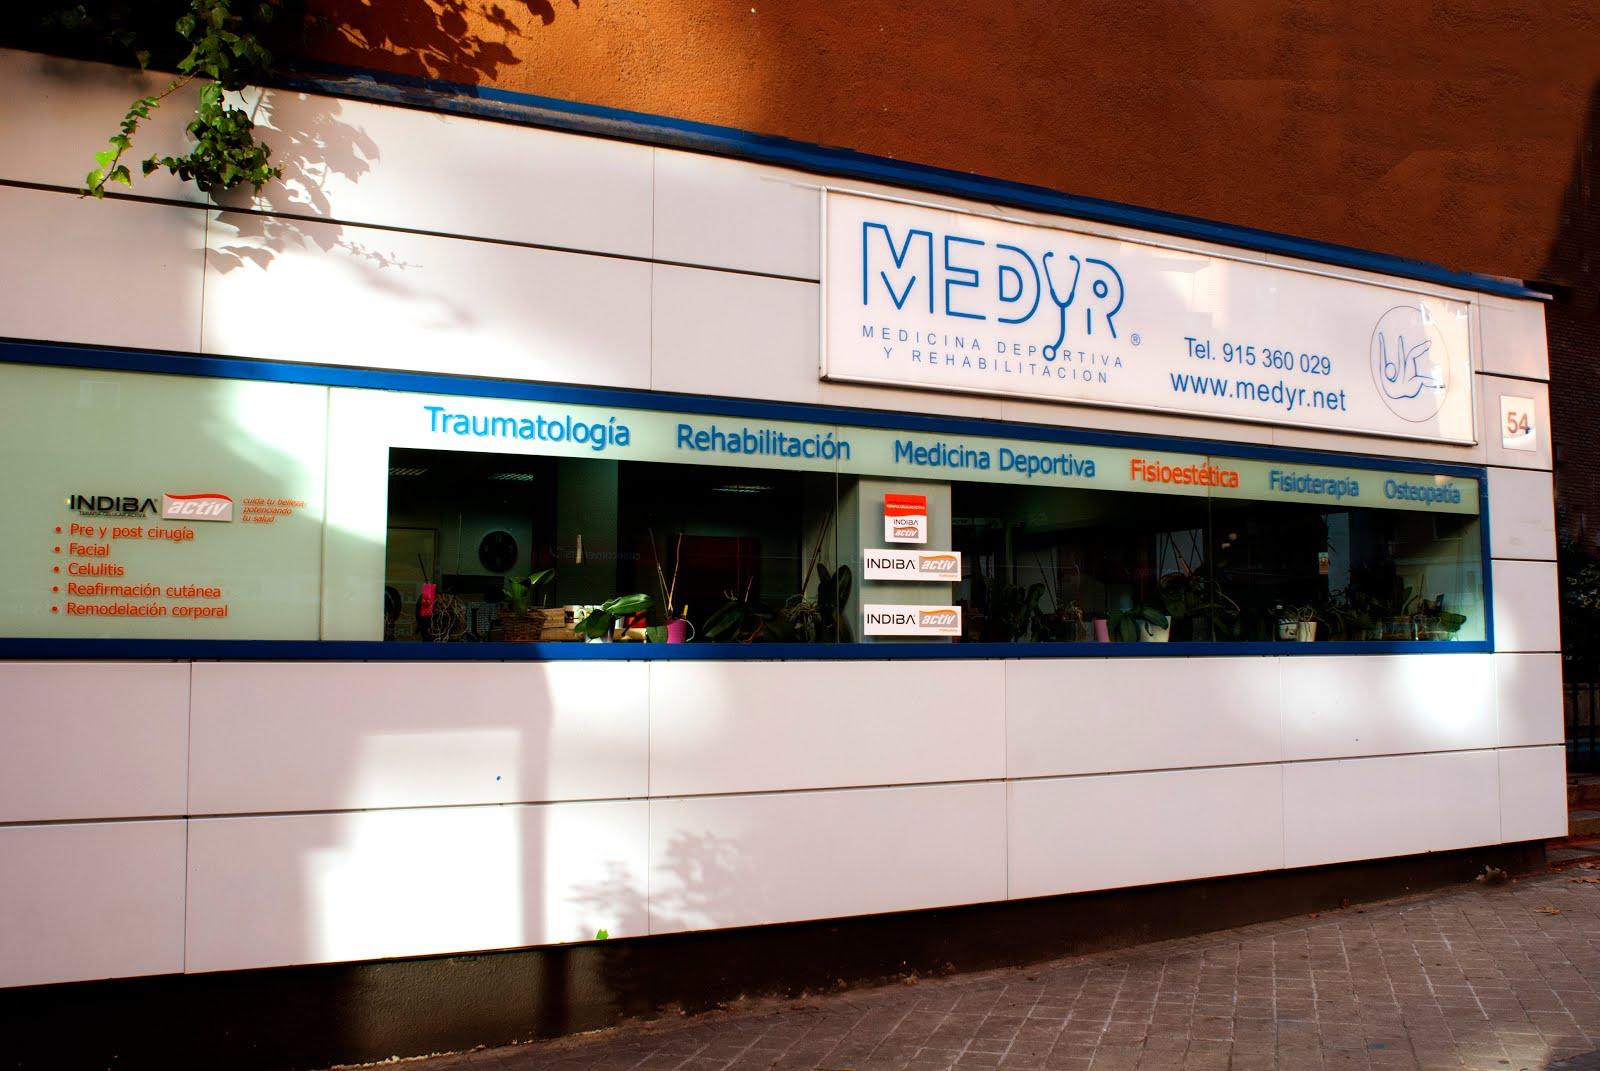 Clínica Medyr, Madrid